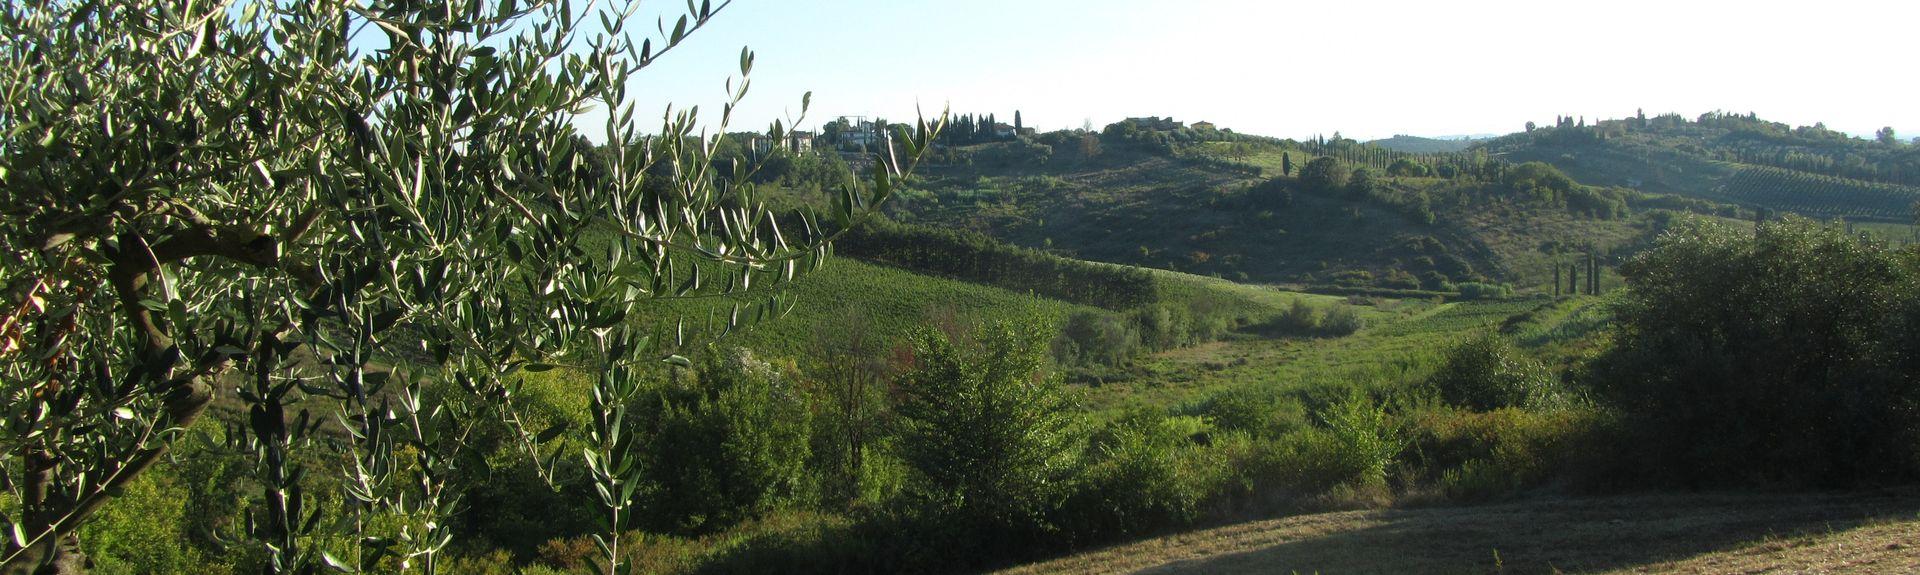 Serravalle Pistoiese, Pistoia, Tuscany, Italy